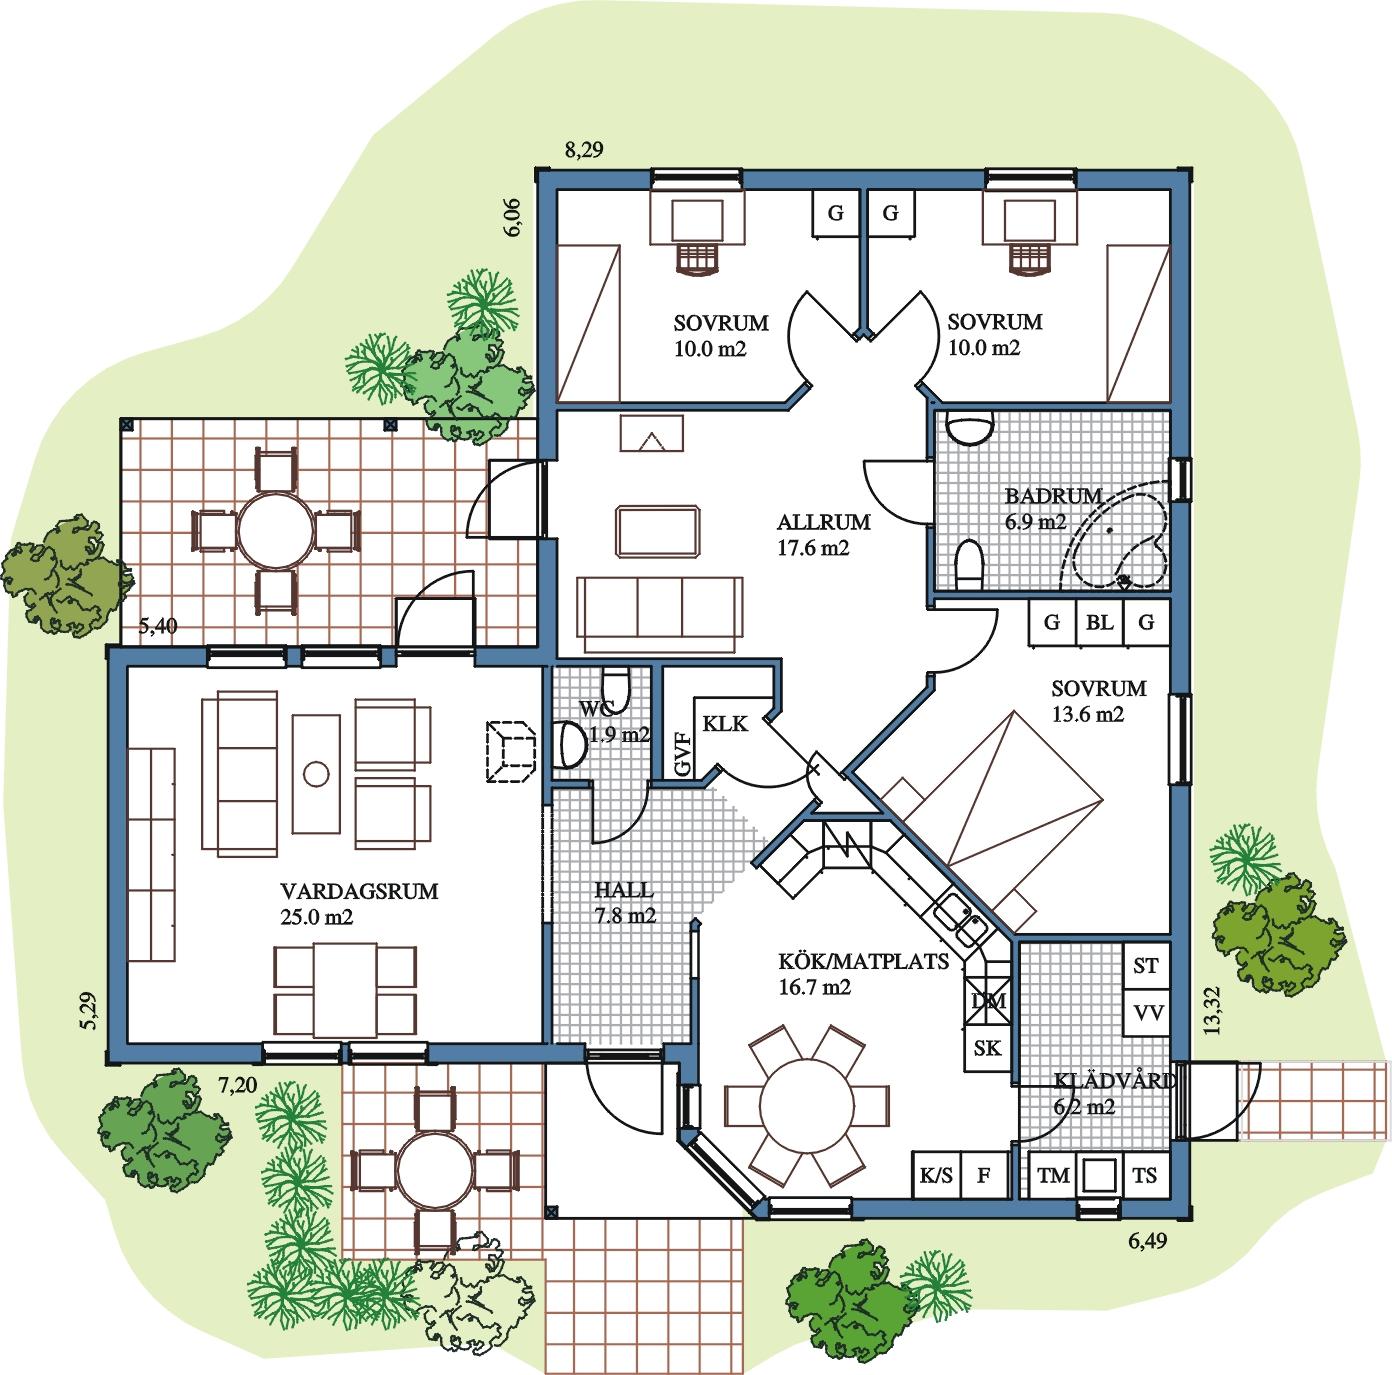 Faire le plan de construction d'une maison - Idées de travaux